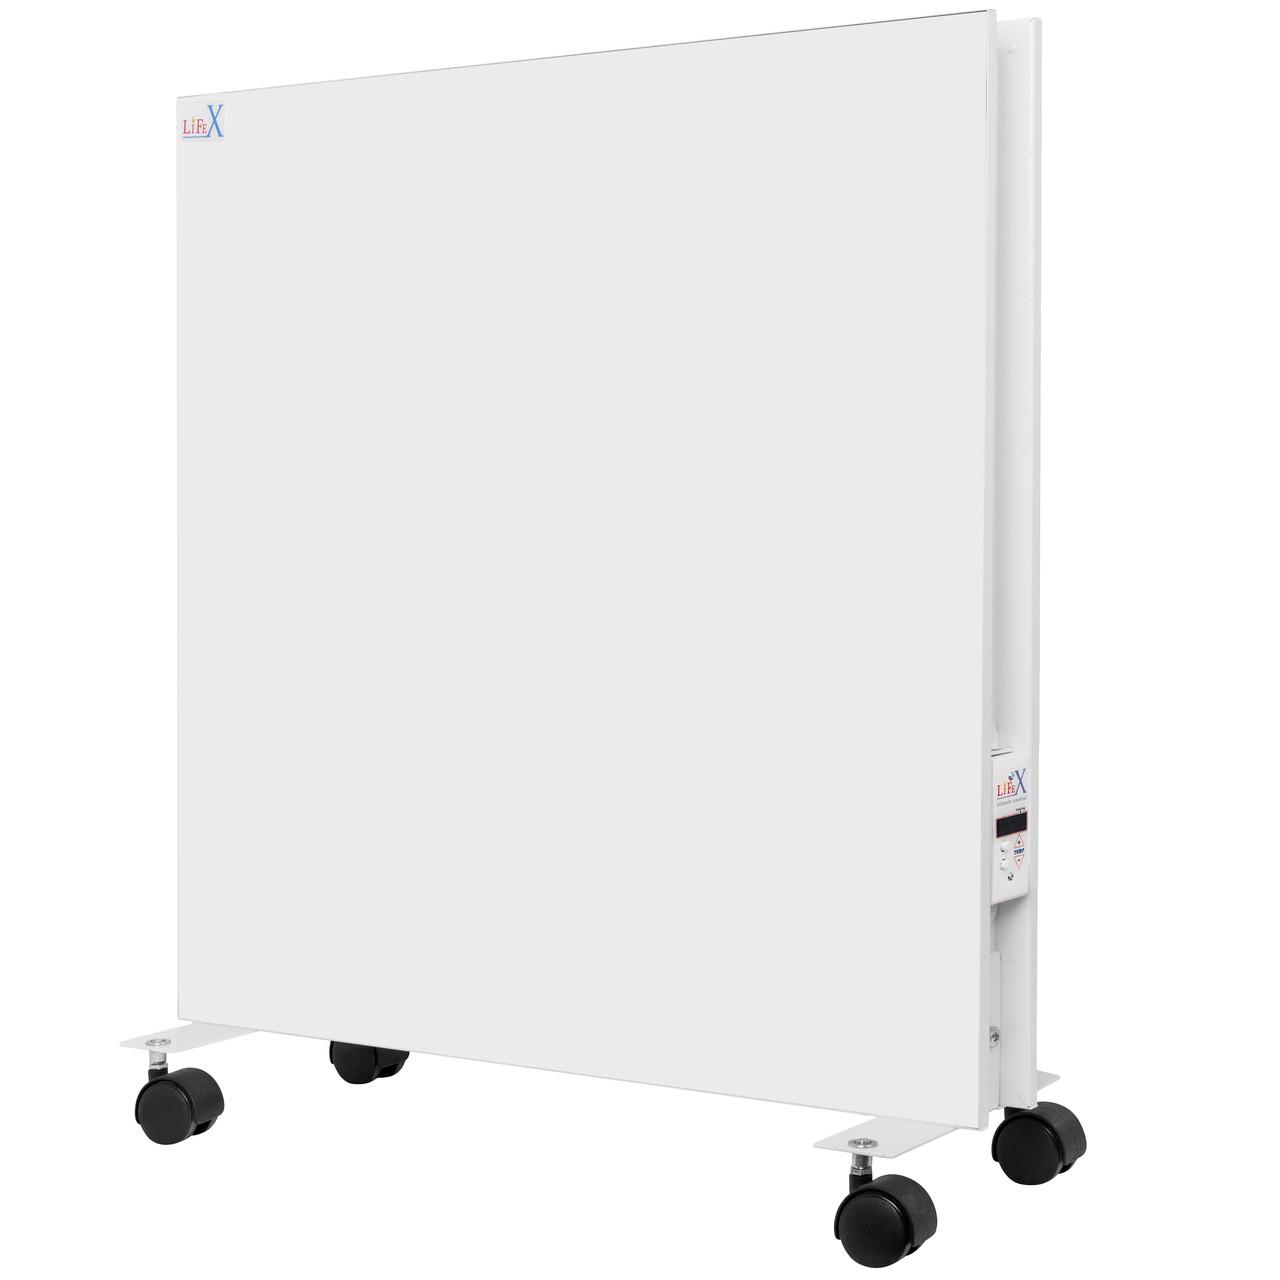 Керамическая панель LIFEX 800 Вт Double-floor (белая) + программатор